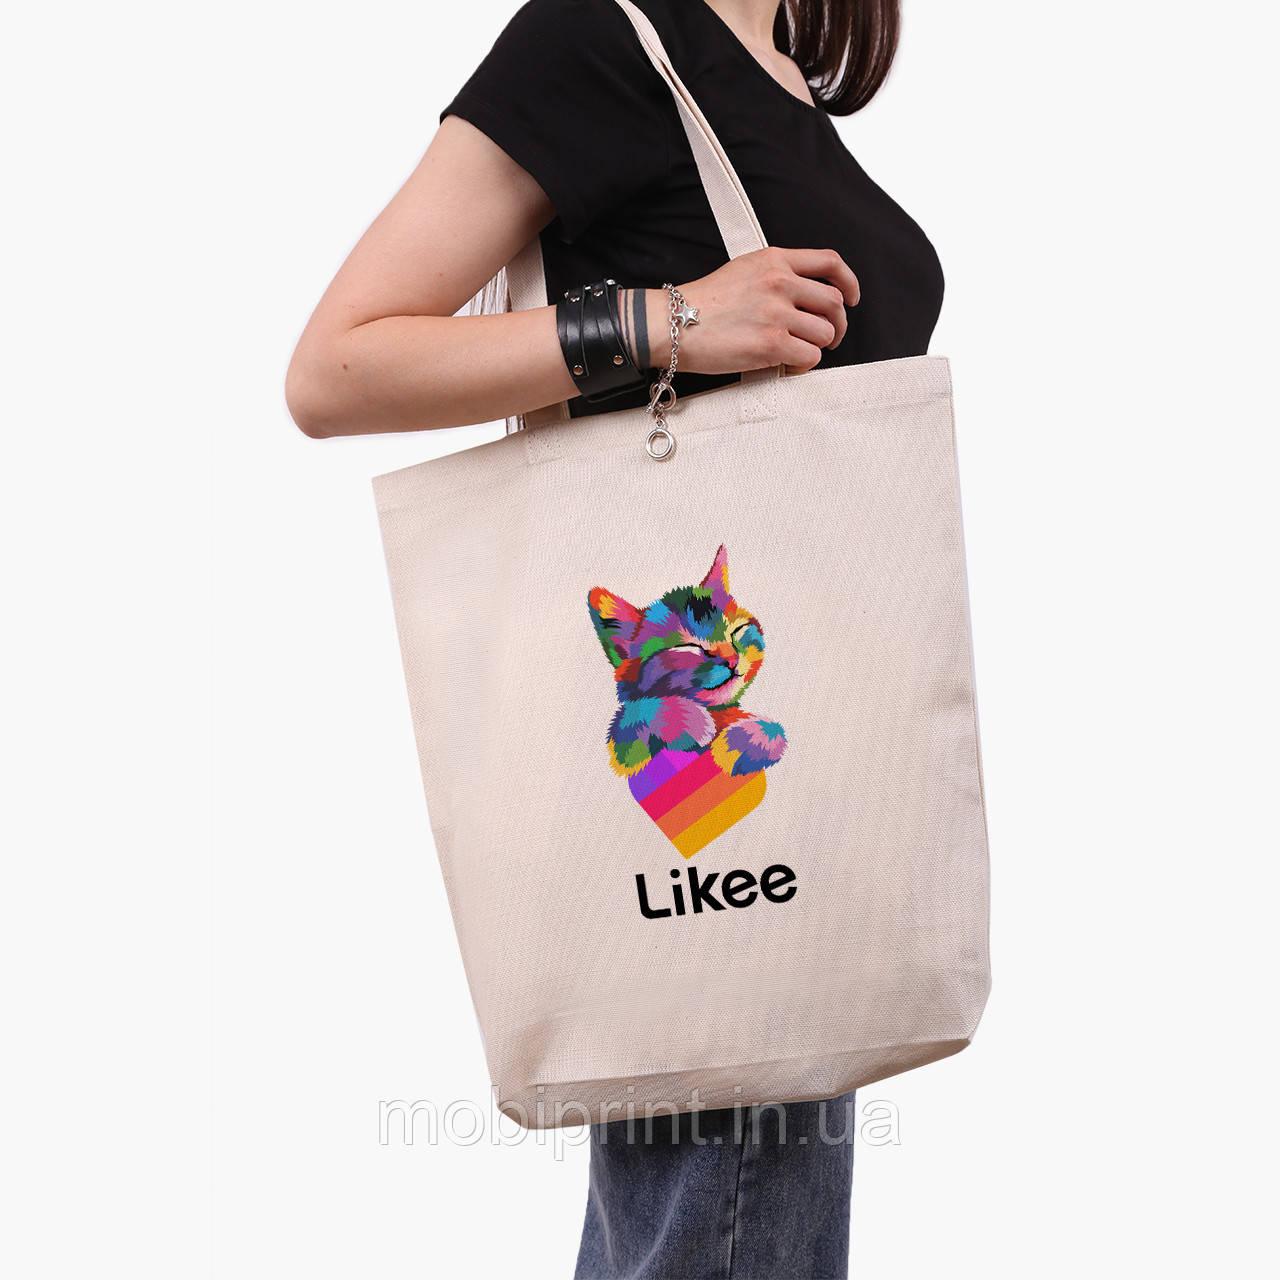 Эко сумка шоппер белая Лайк Котик (Likee Cat) (9227-1040-1)  экосумка шопер 41*39*8 см